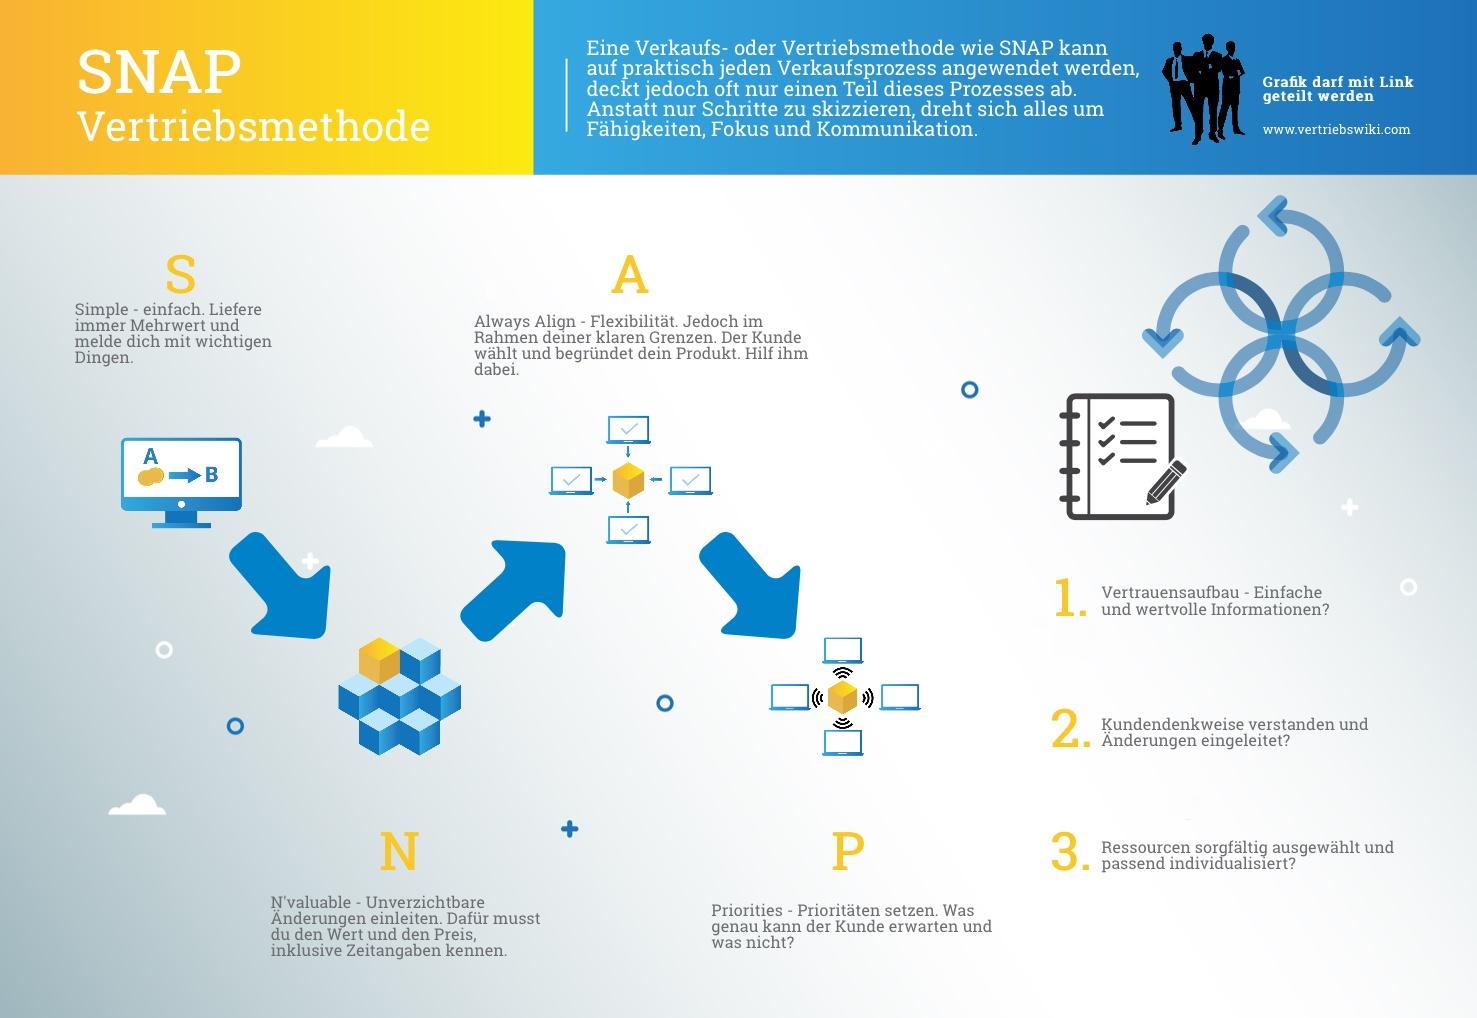 SNAP Arbeitsstil Vertriebsmethode Infografik